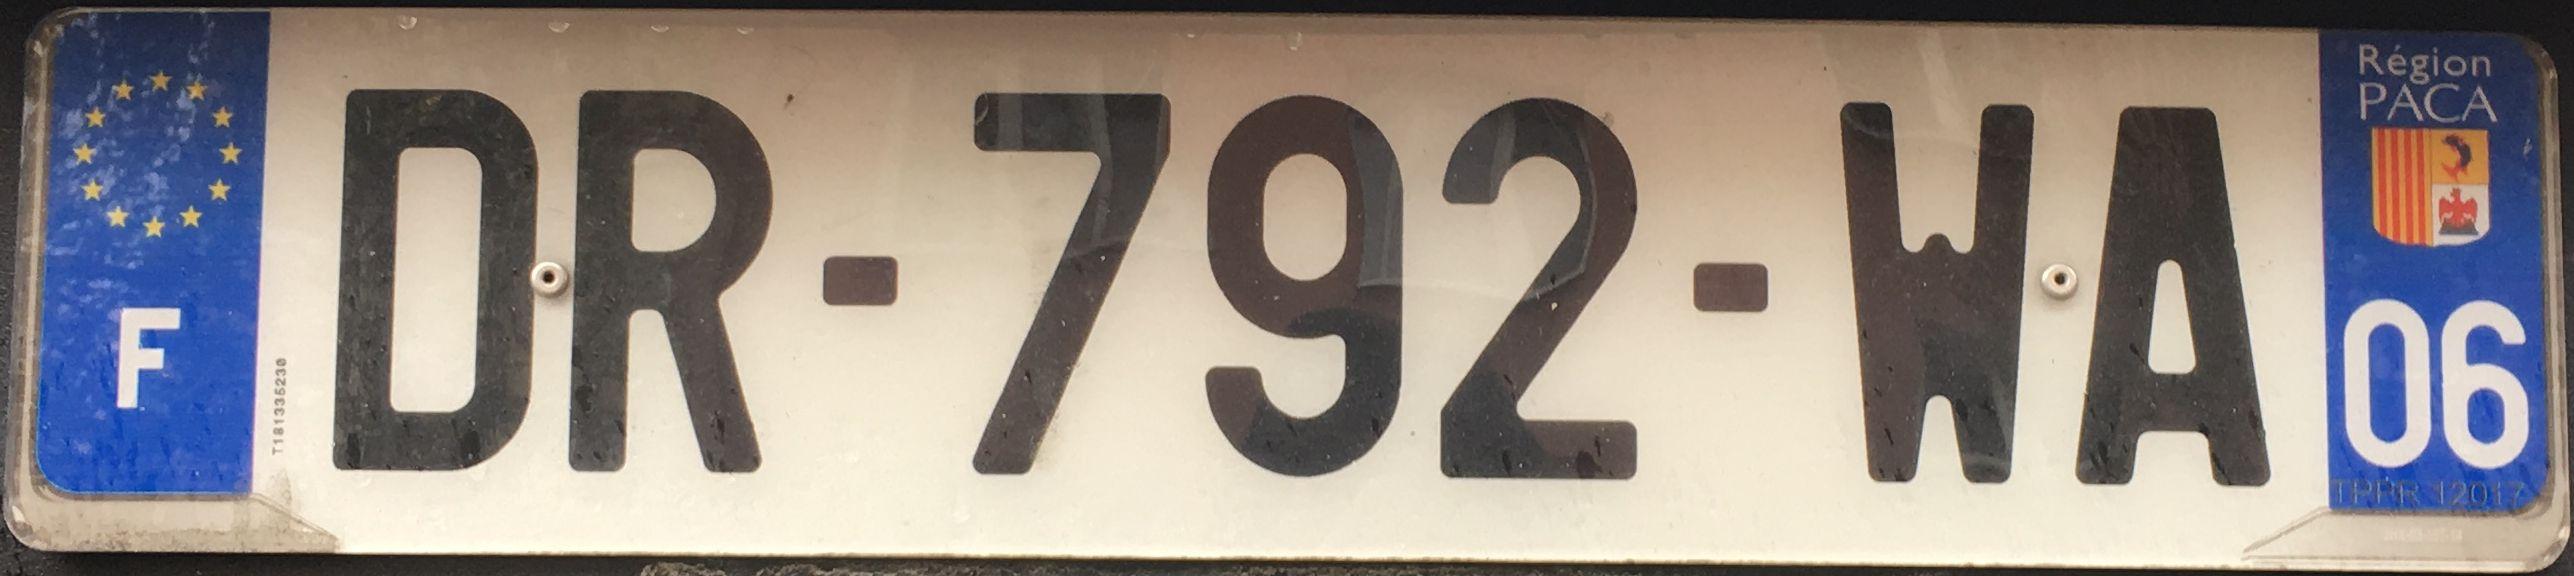 Francouzská registrační značka – 06 – Alpes-Maritimes, foto: www.podalnici.cz